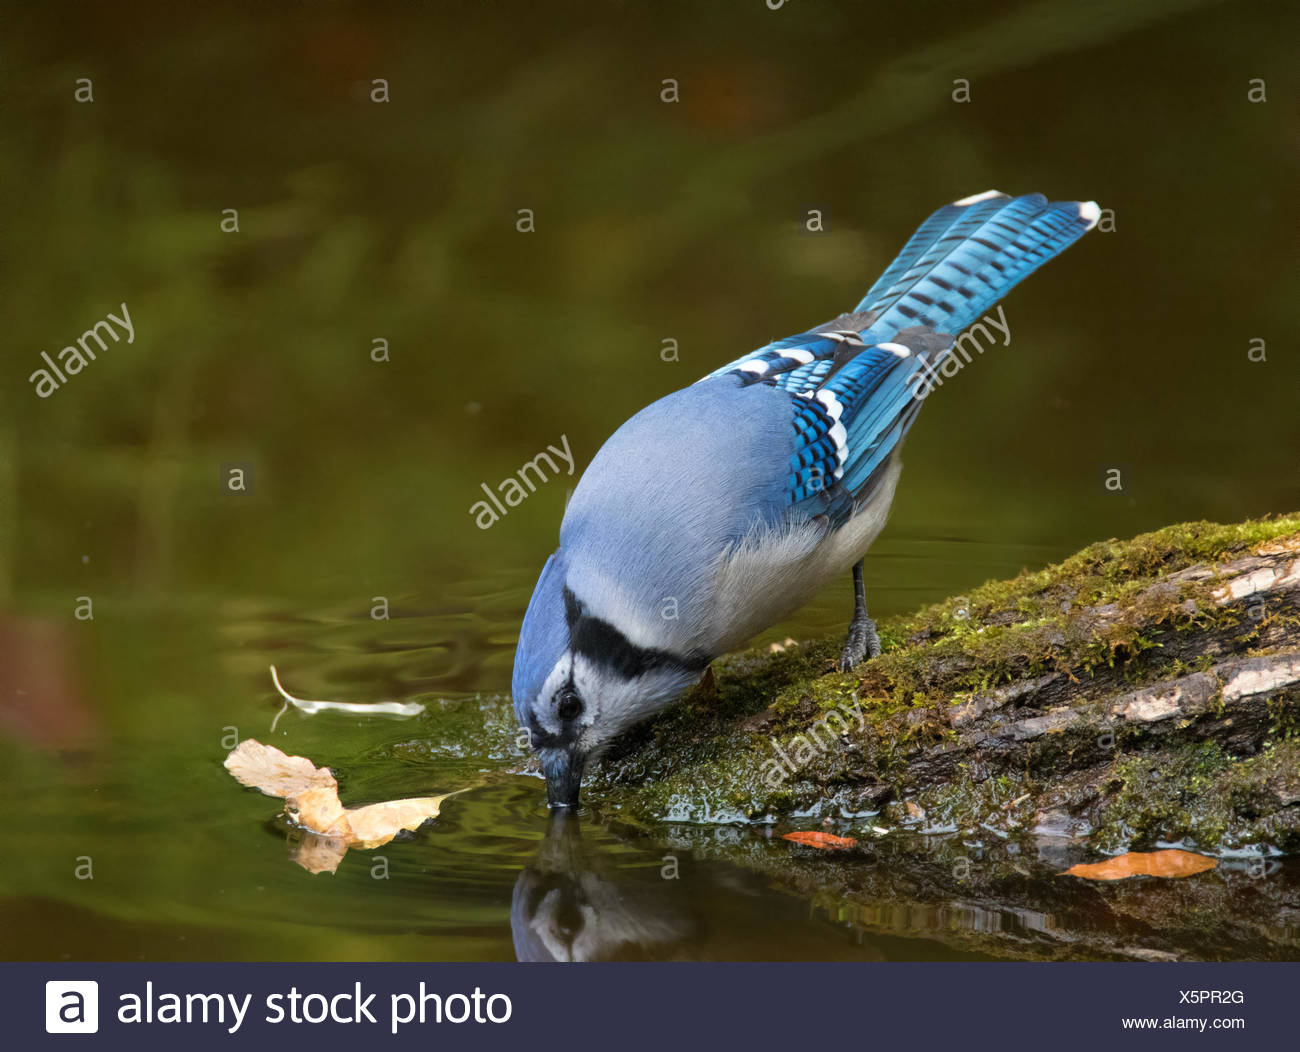 A Blue Jay, Cyanocitta cristata, drinks from a backyard pond, in Saskatoon, Saskatchewan, Canada - Stock Image